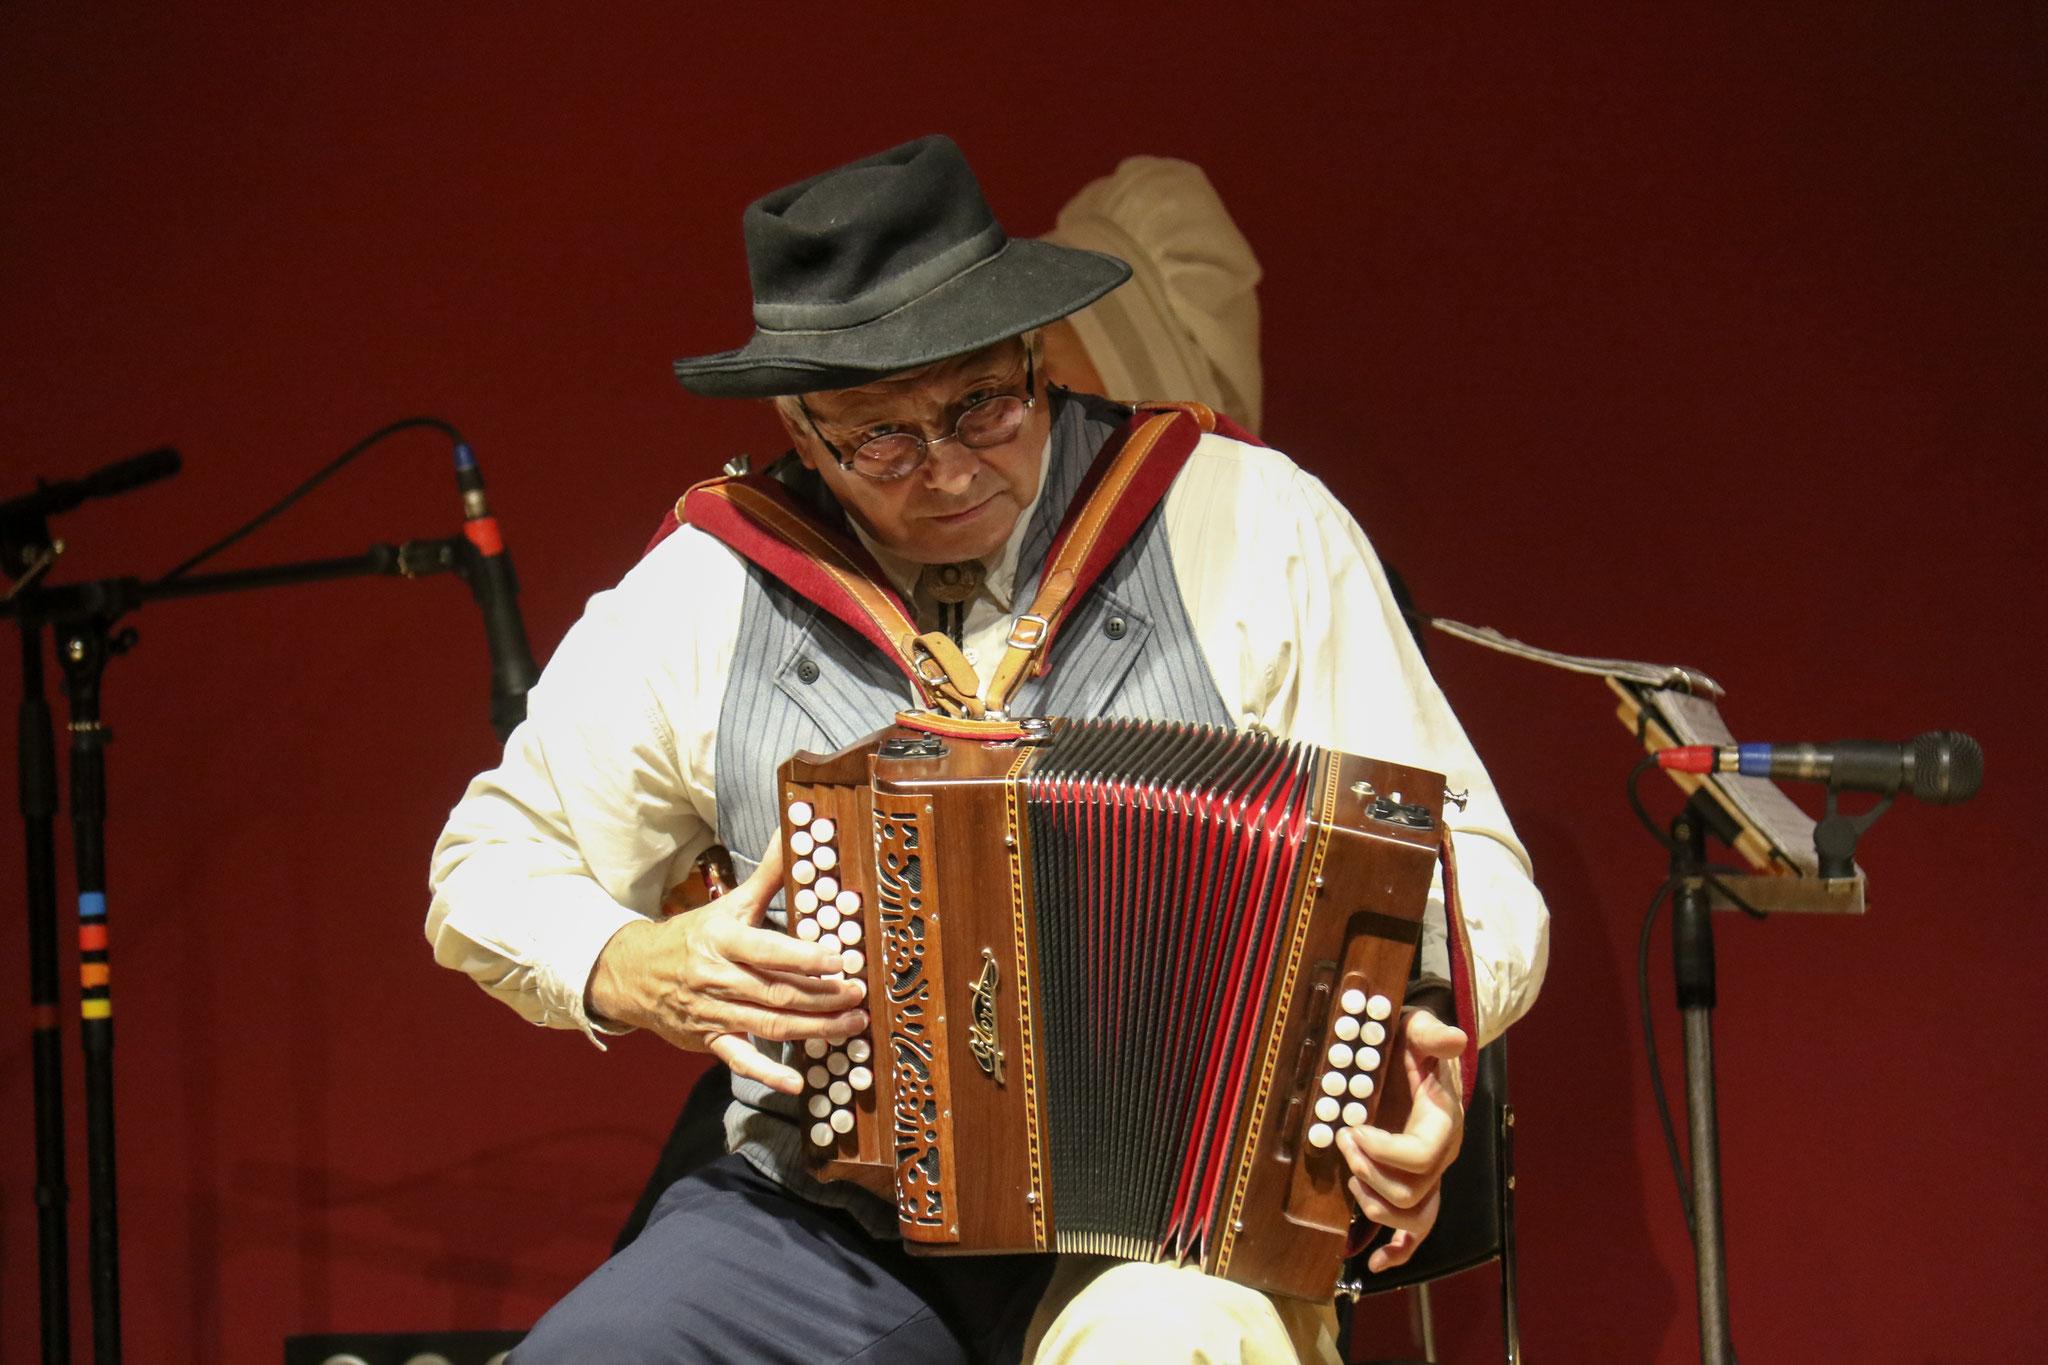 Groupe folklorique les ménestrels sarladais, musiciens et chanteurs de folklore, les instruments traditionnels l'accordéon diatonique et chromatique la vielle, les costumes traditionnel du Périgord noir,